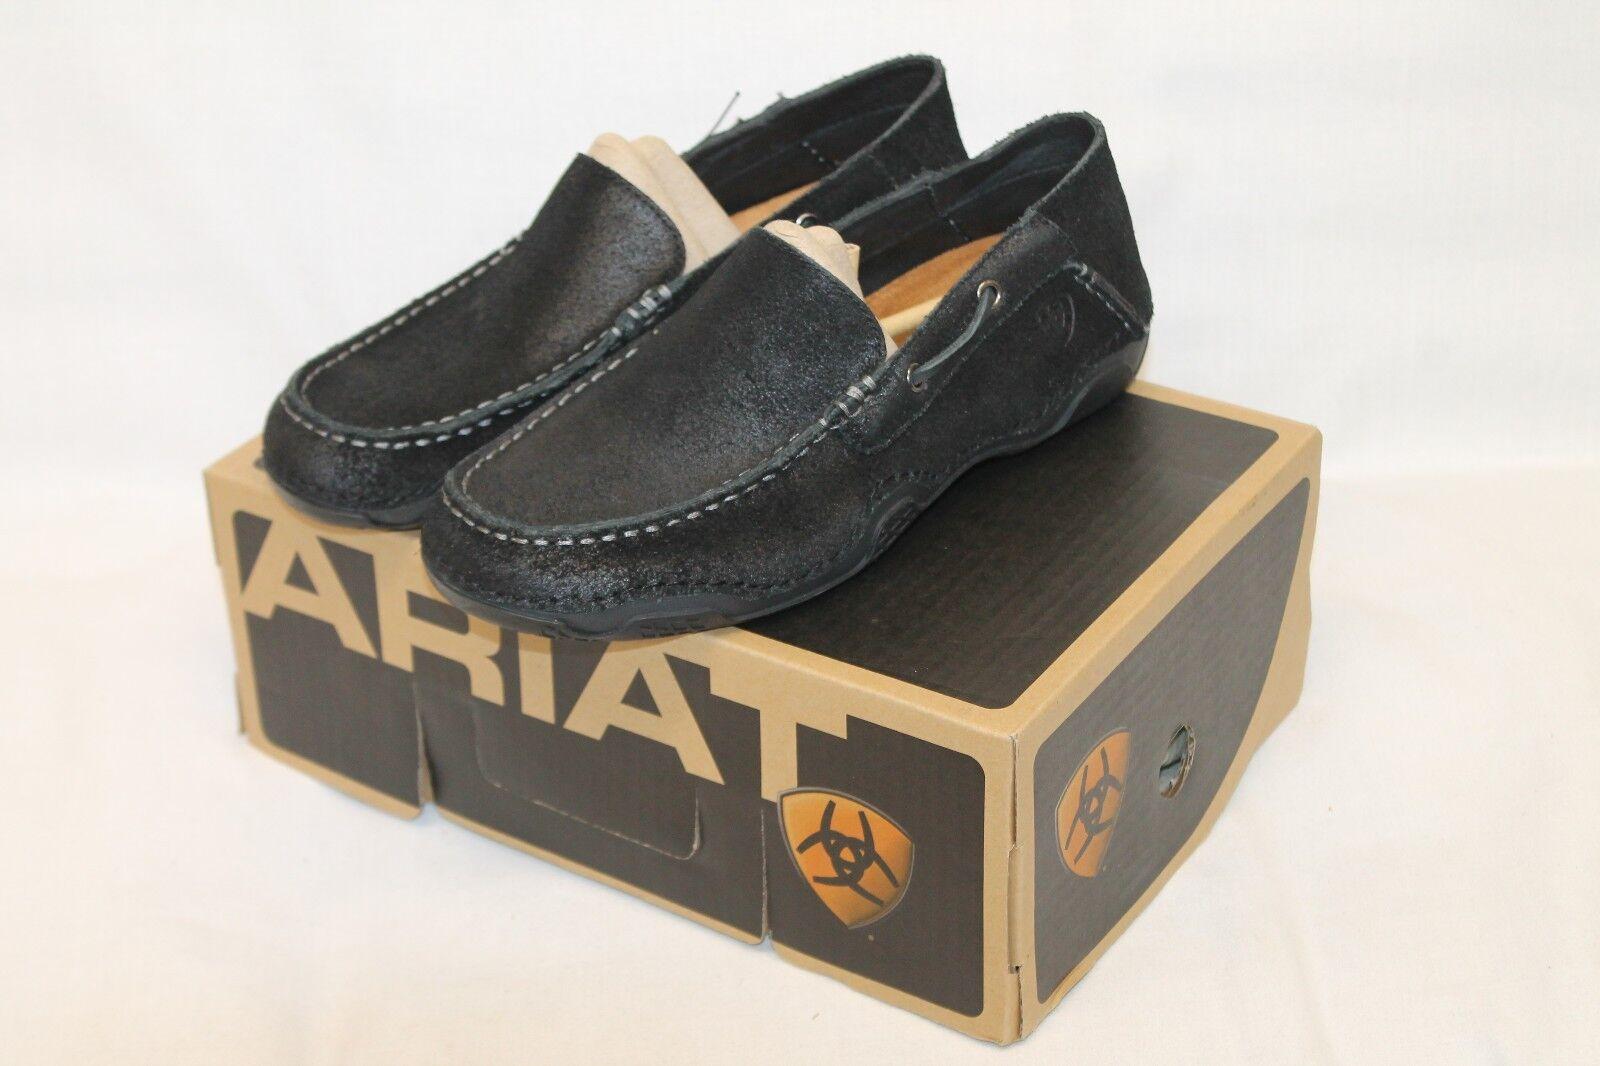 Zapatos De Cuero nuevo En Caja Para Hombre Ariat 10011967 violentado negro 9 Extra Ancho Gleeson Dogwood Casual